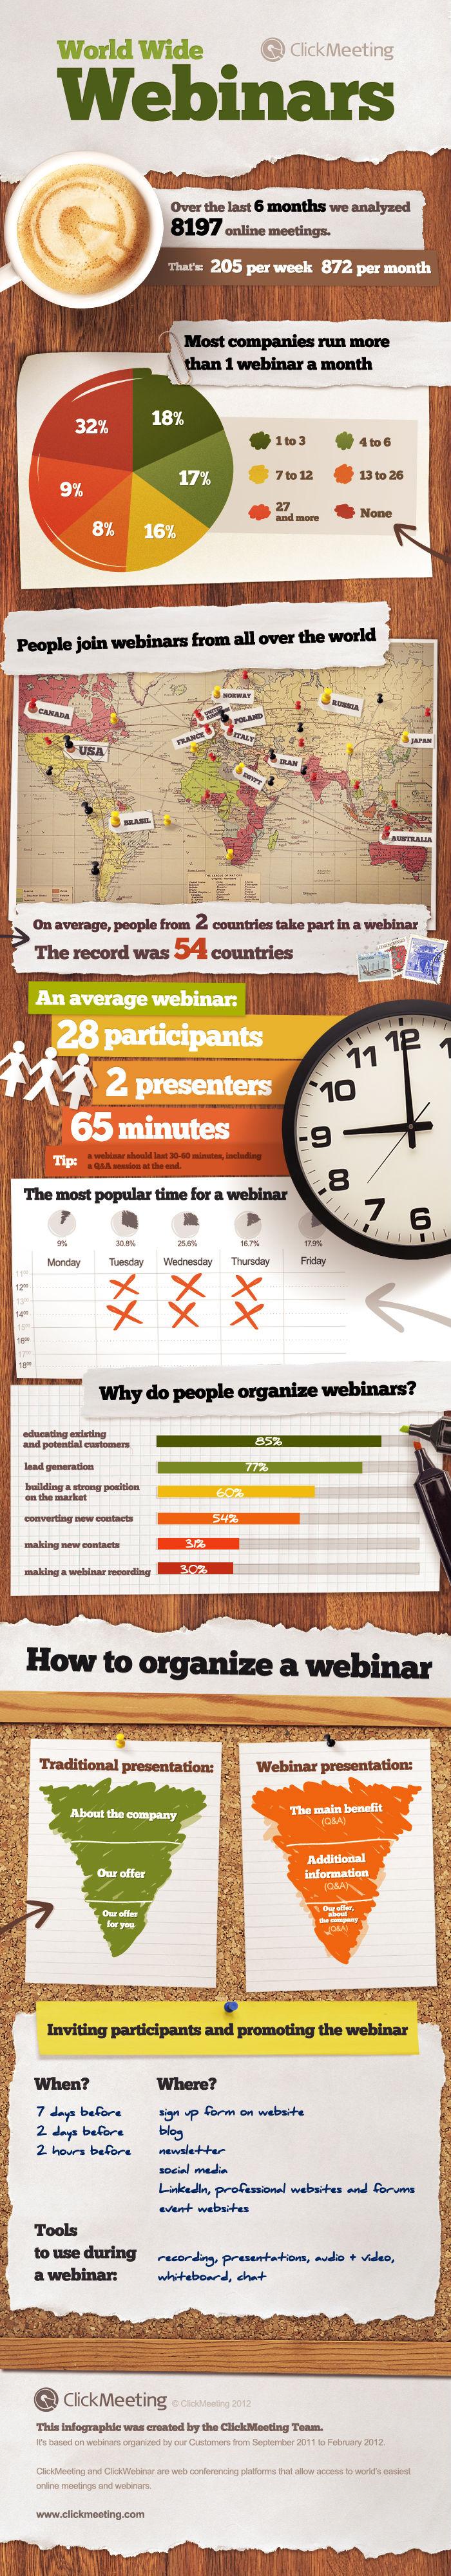 Worldwide Webinars (Infographic)